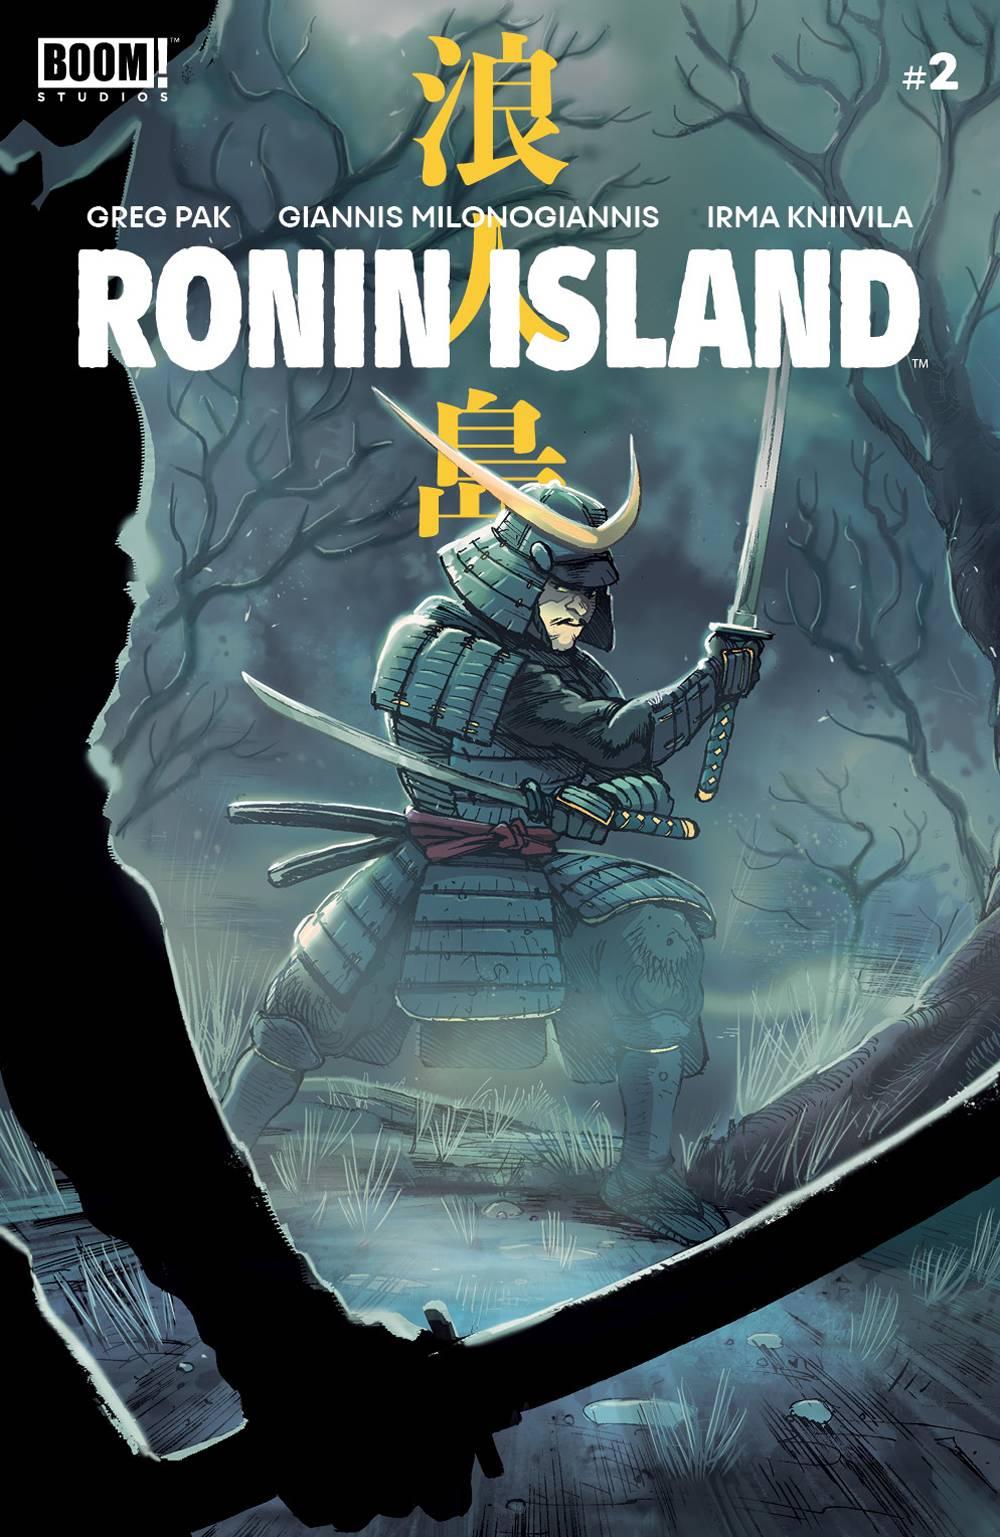 RONIN+ISLAND+2+MAIN.jpg